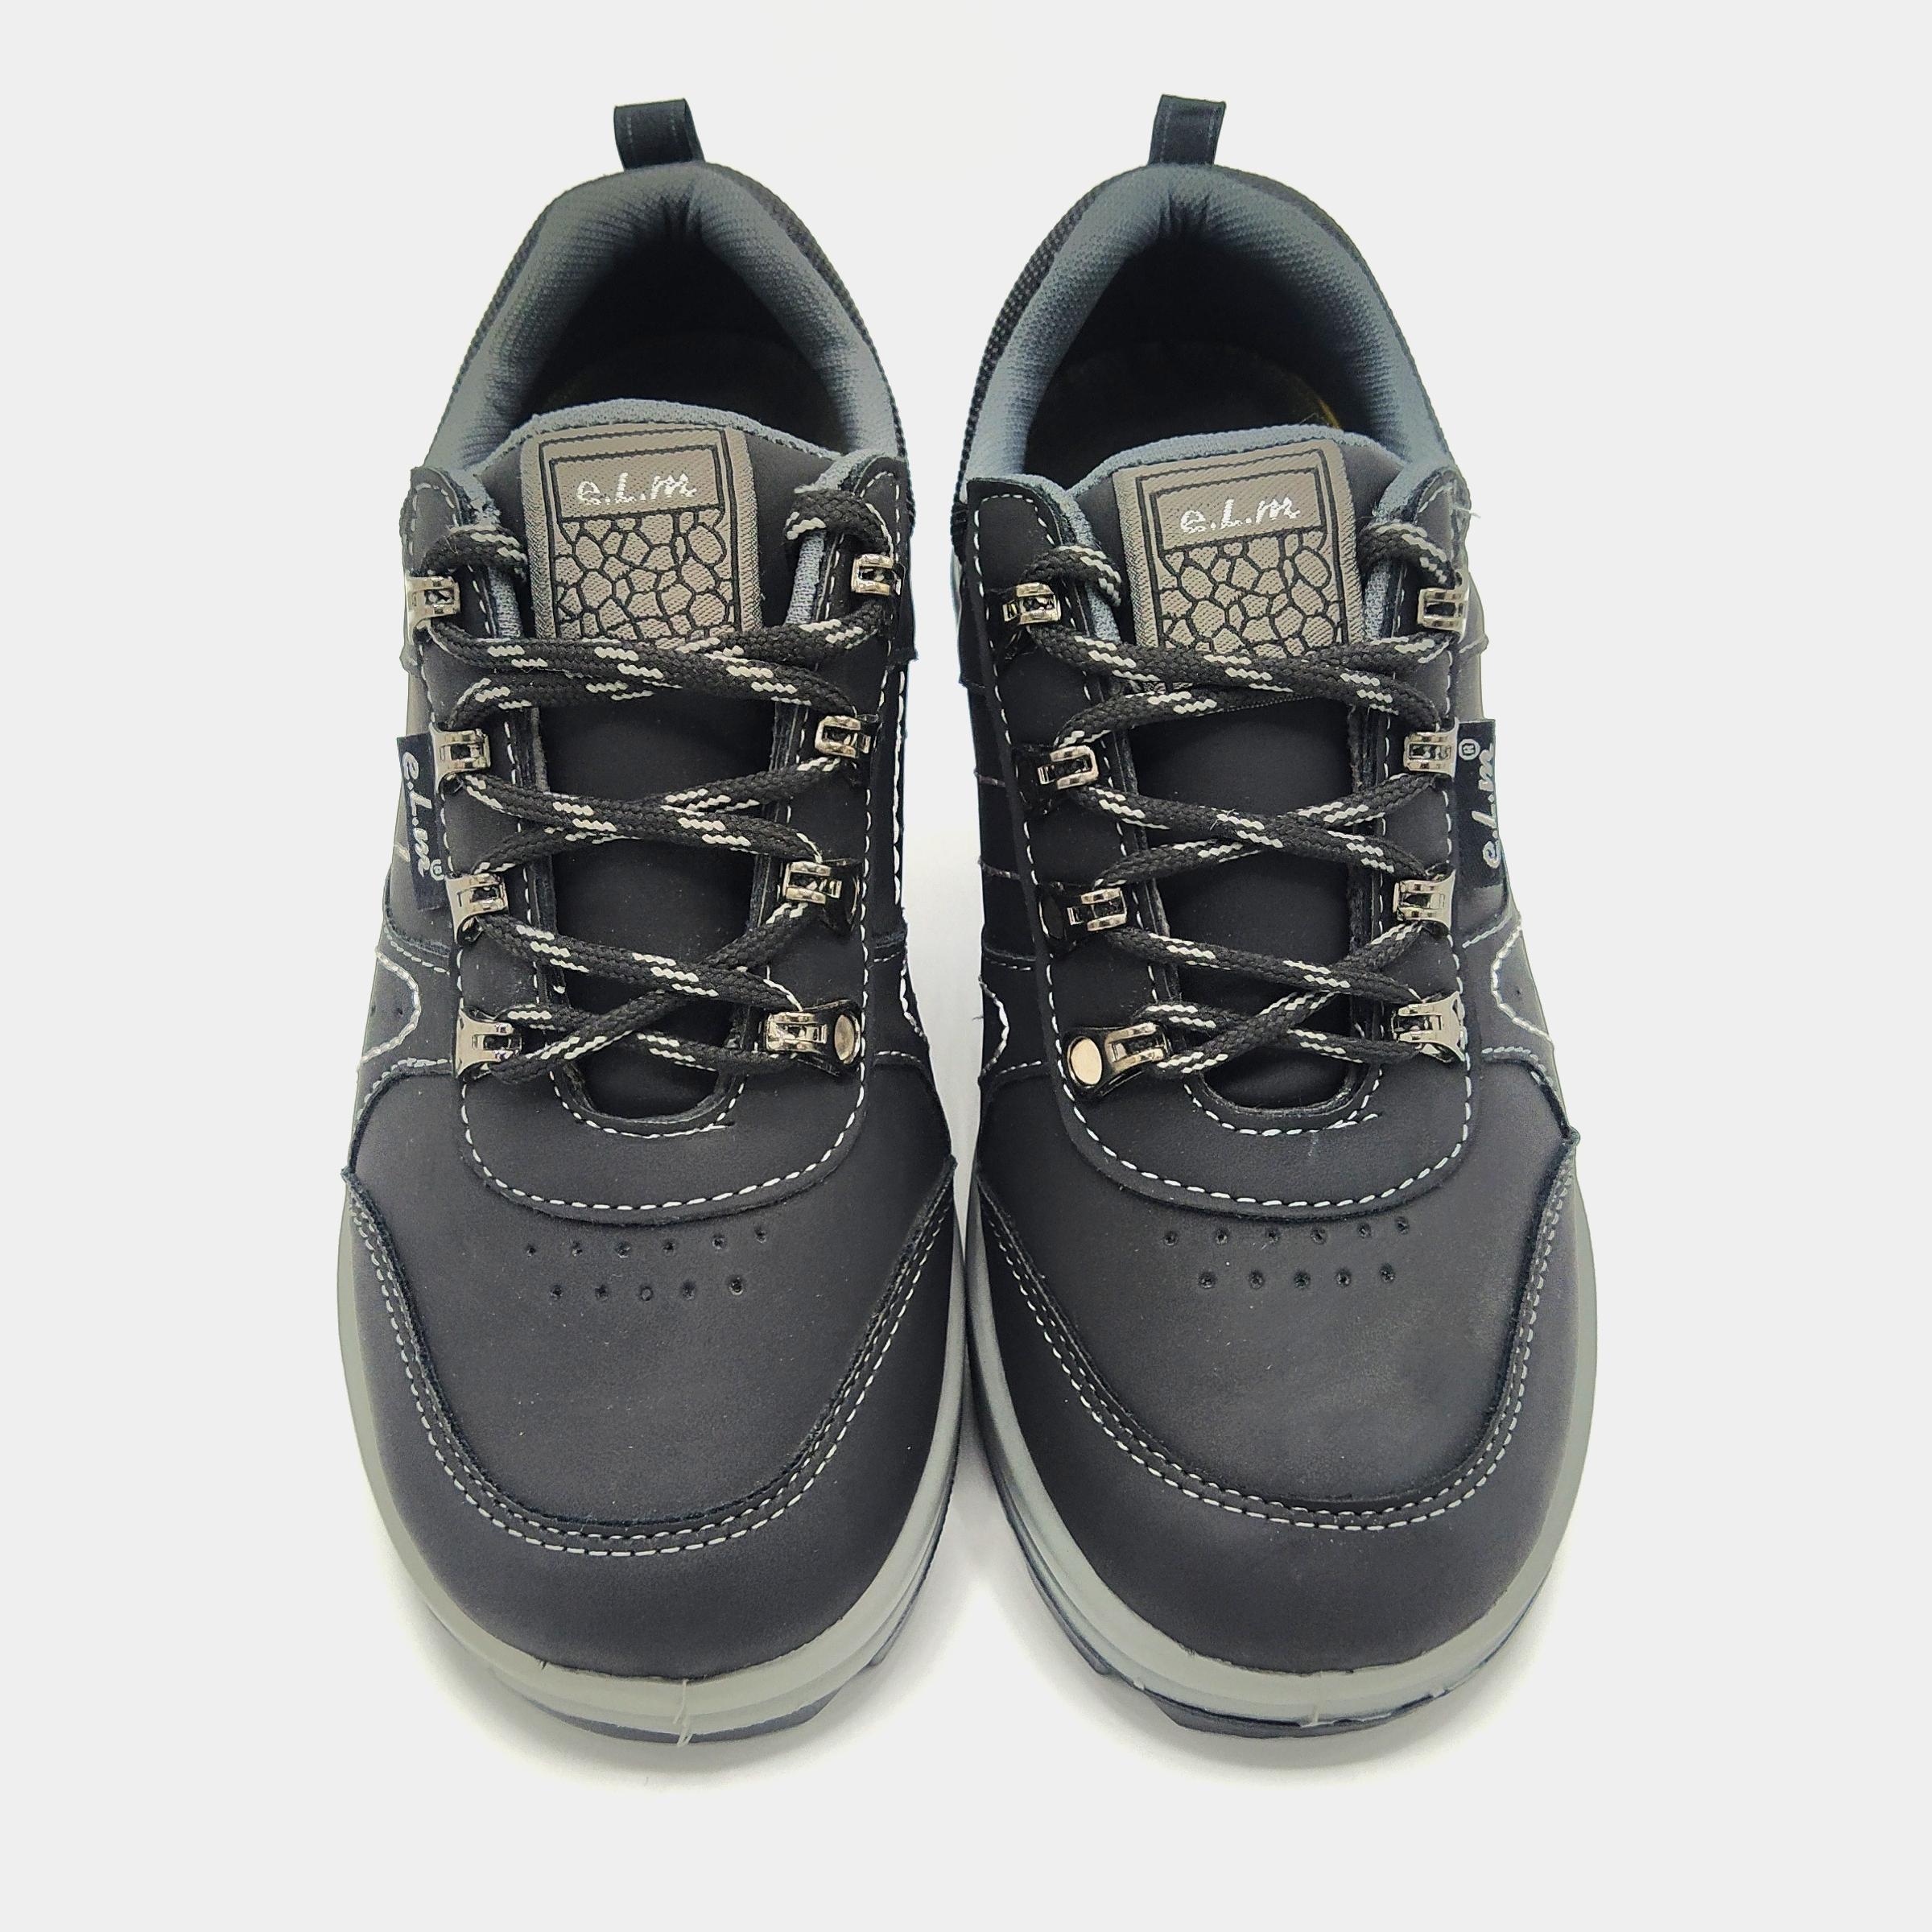 کفش پیاده روی زنانه ای ال ام مدل 1470